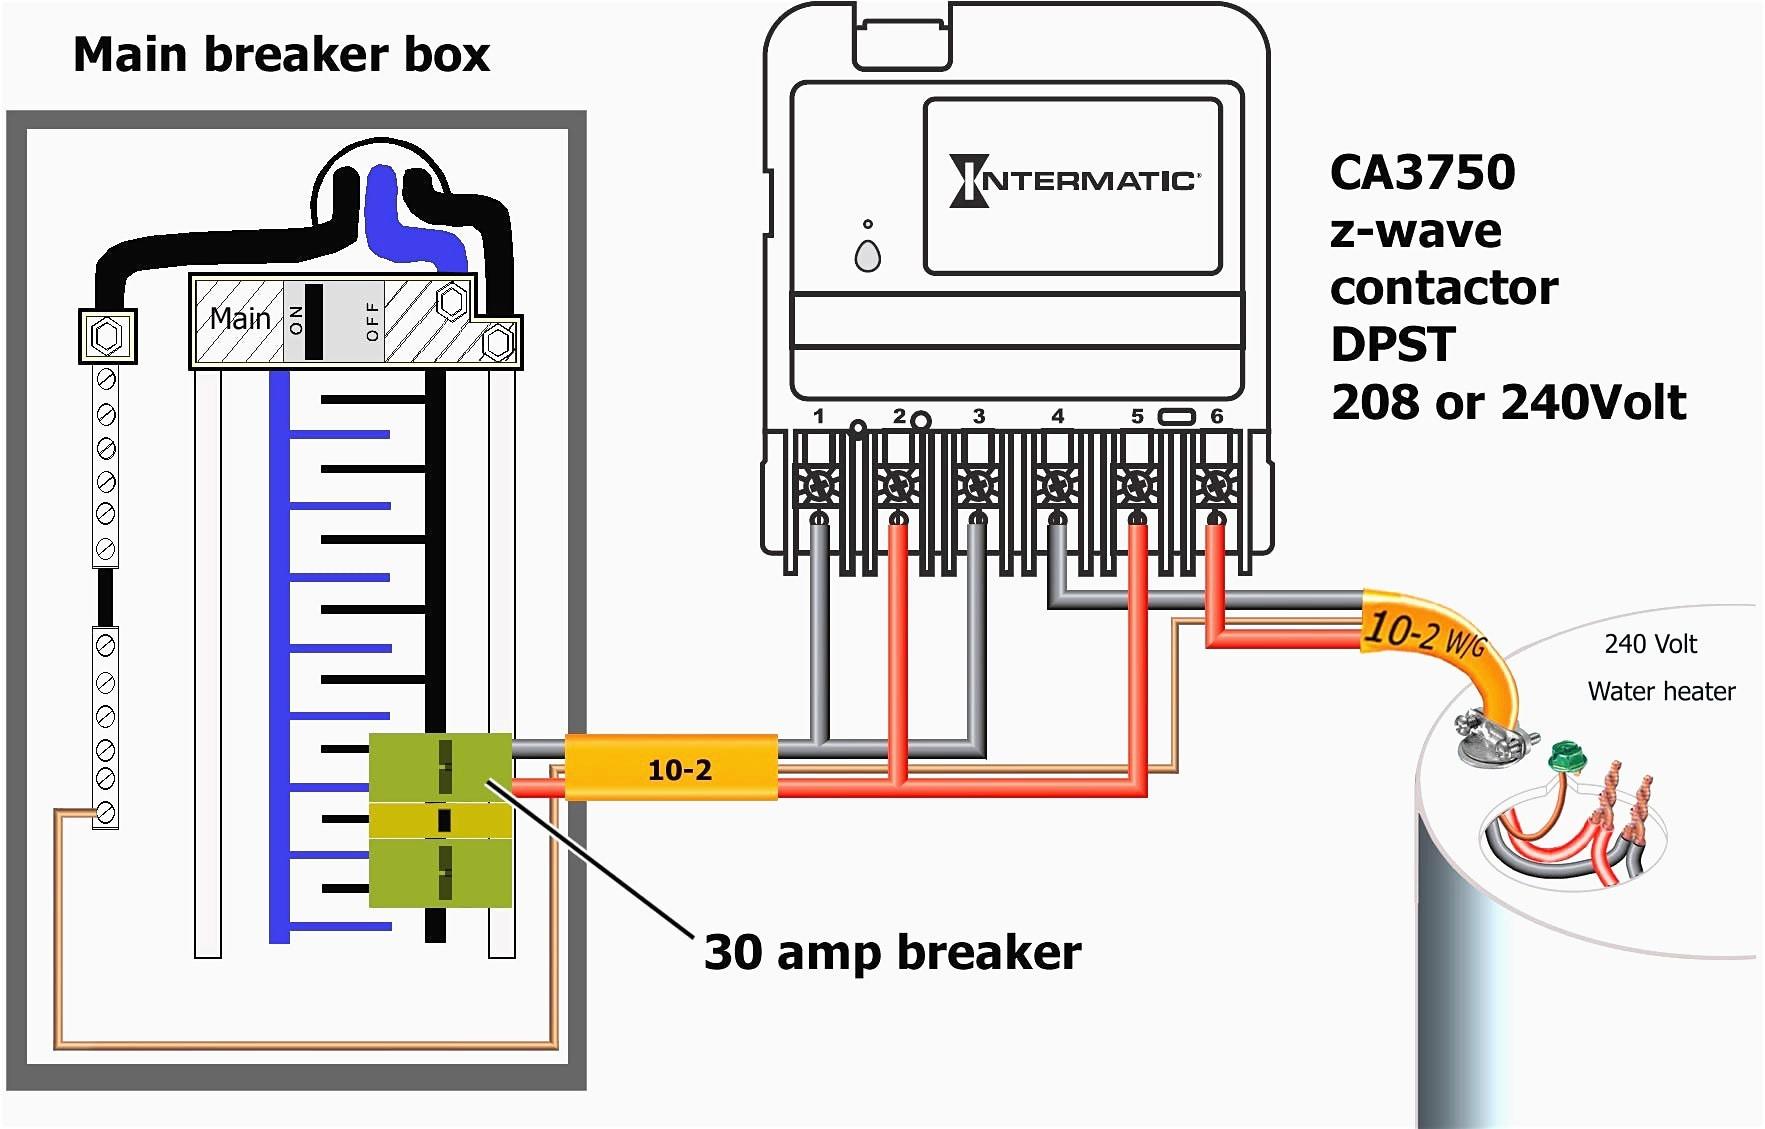 220 wiring diagram best of wiring diagram image rh mainetreasurechest com 220 volt wiring diagram 4-wire 220 volt wiring diagram outlet